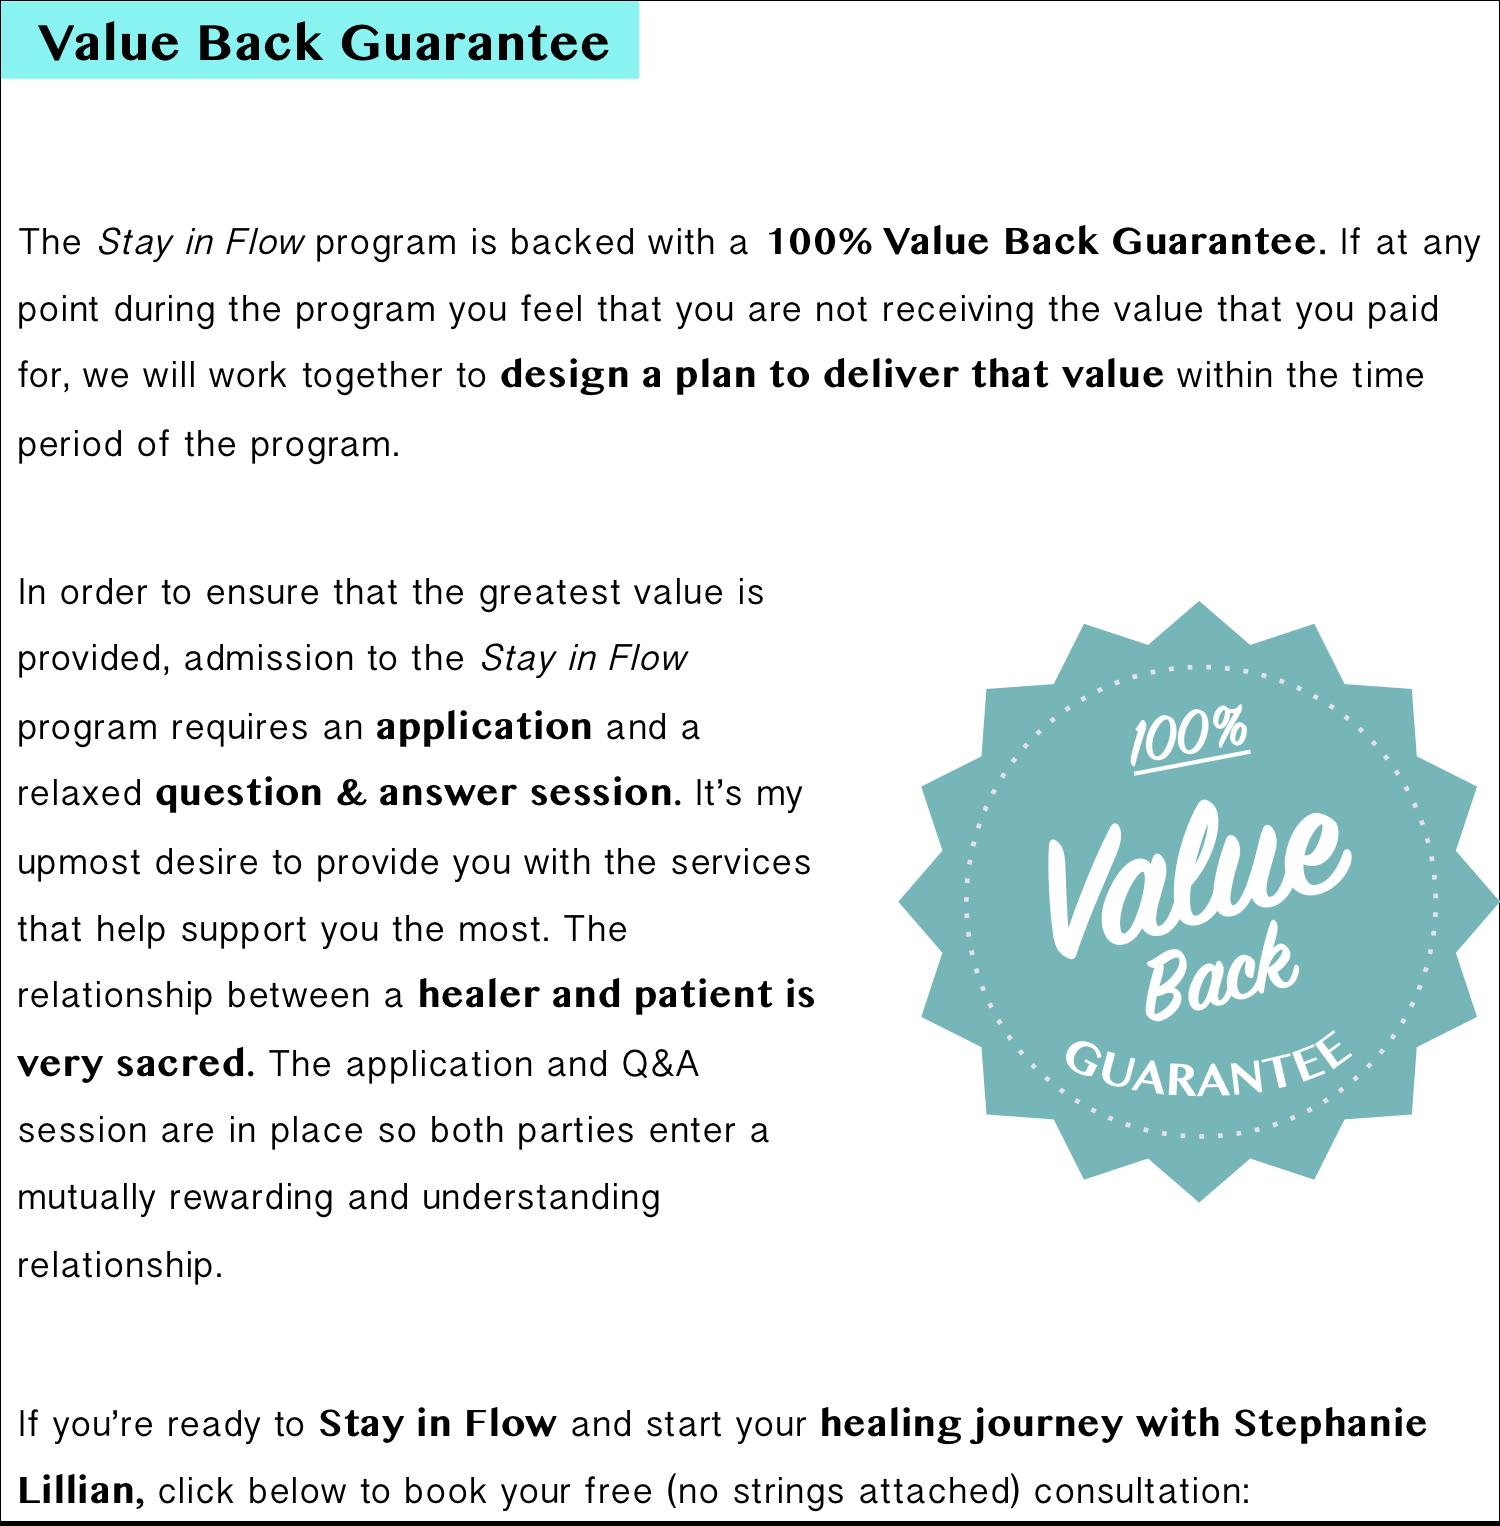 Value Back Guarantee